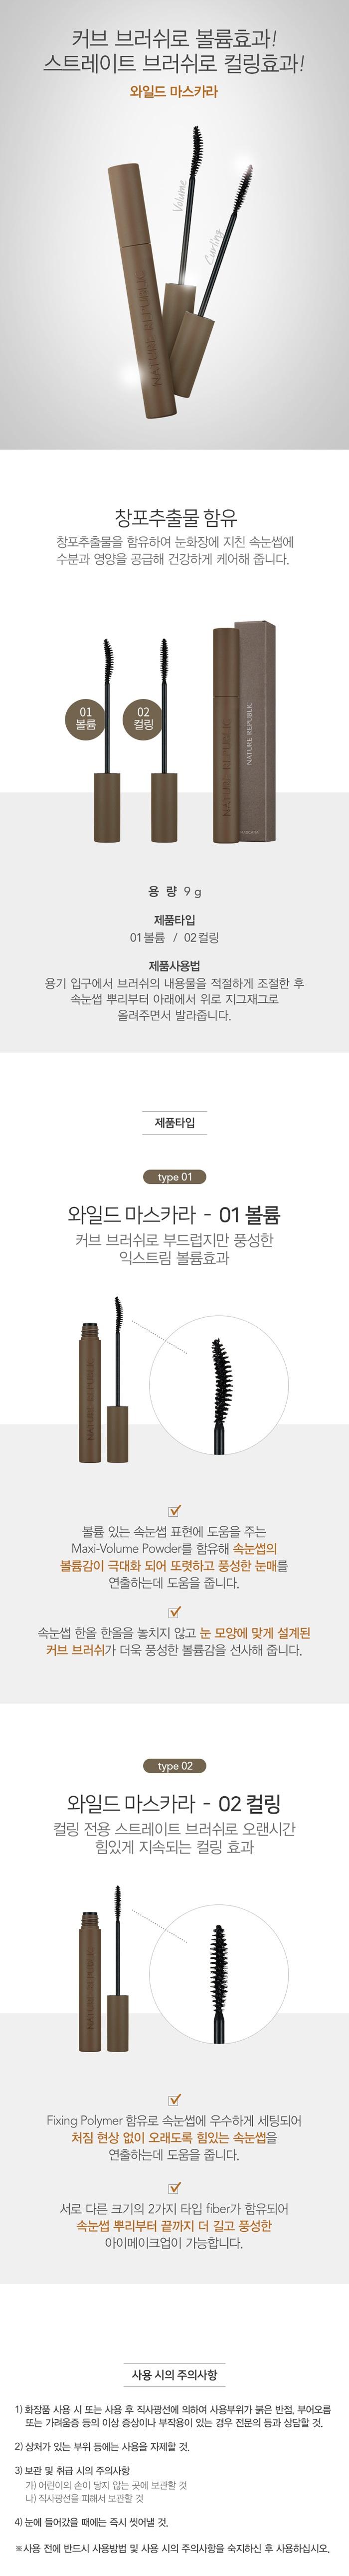 Nature Republic Wild Mascara korean makeup product online shop malaysia macau singapore1